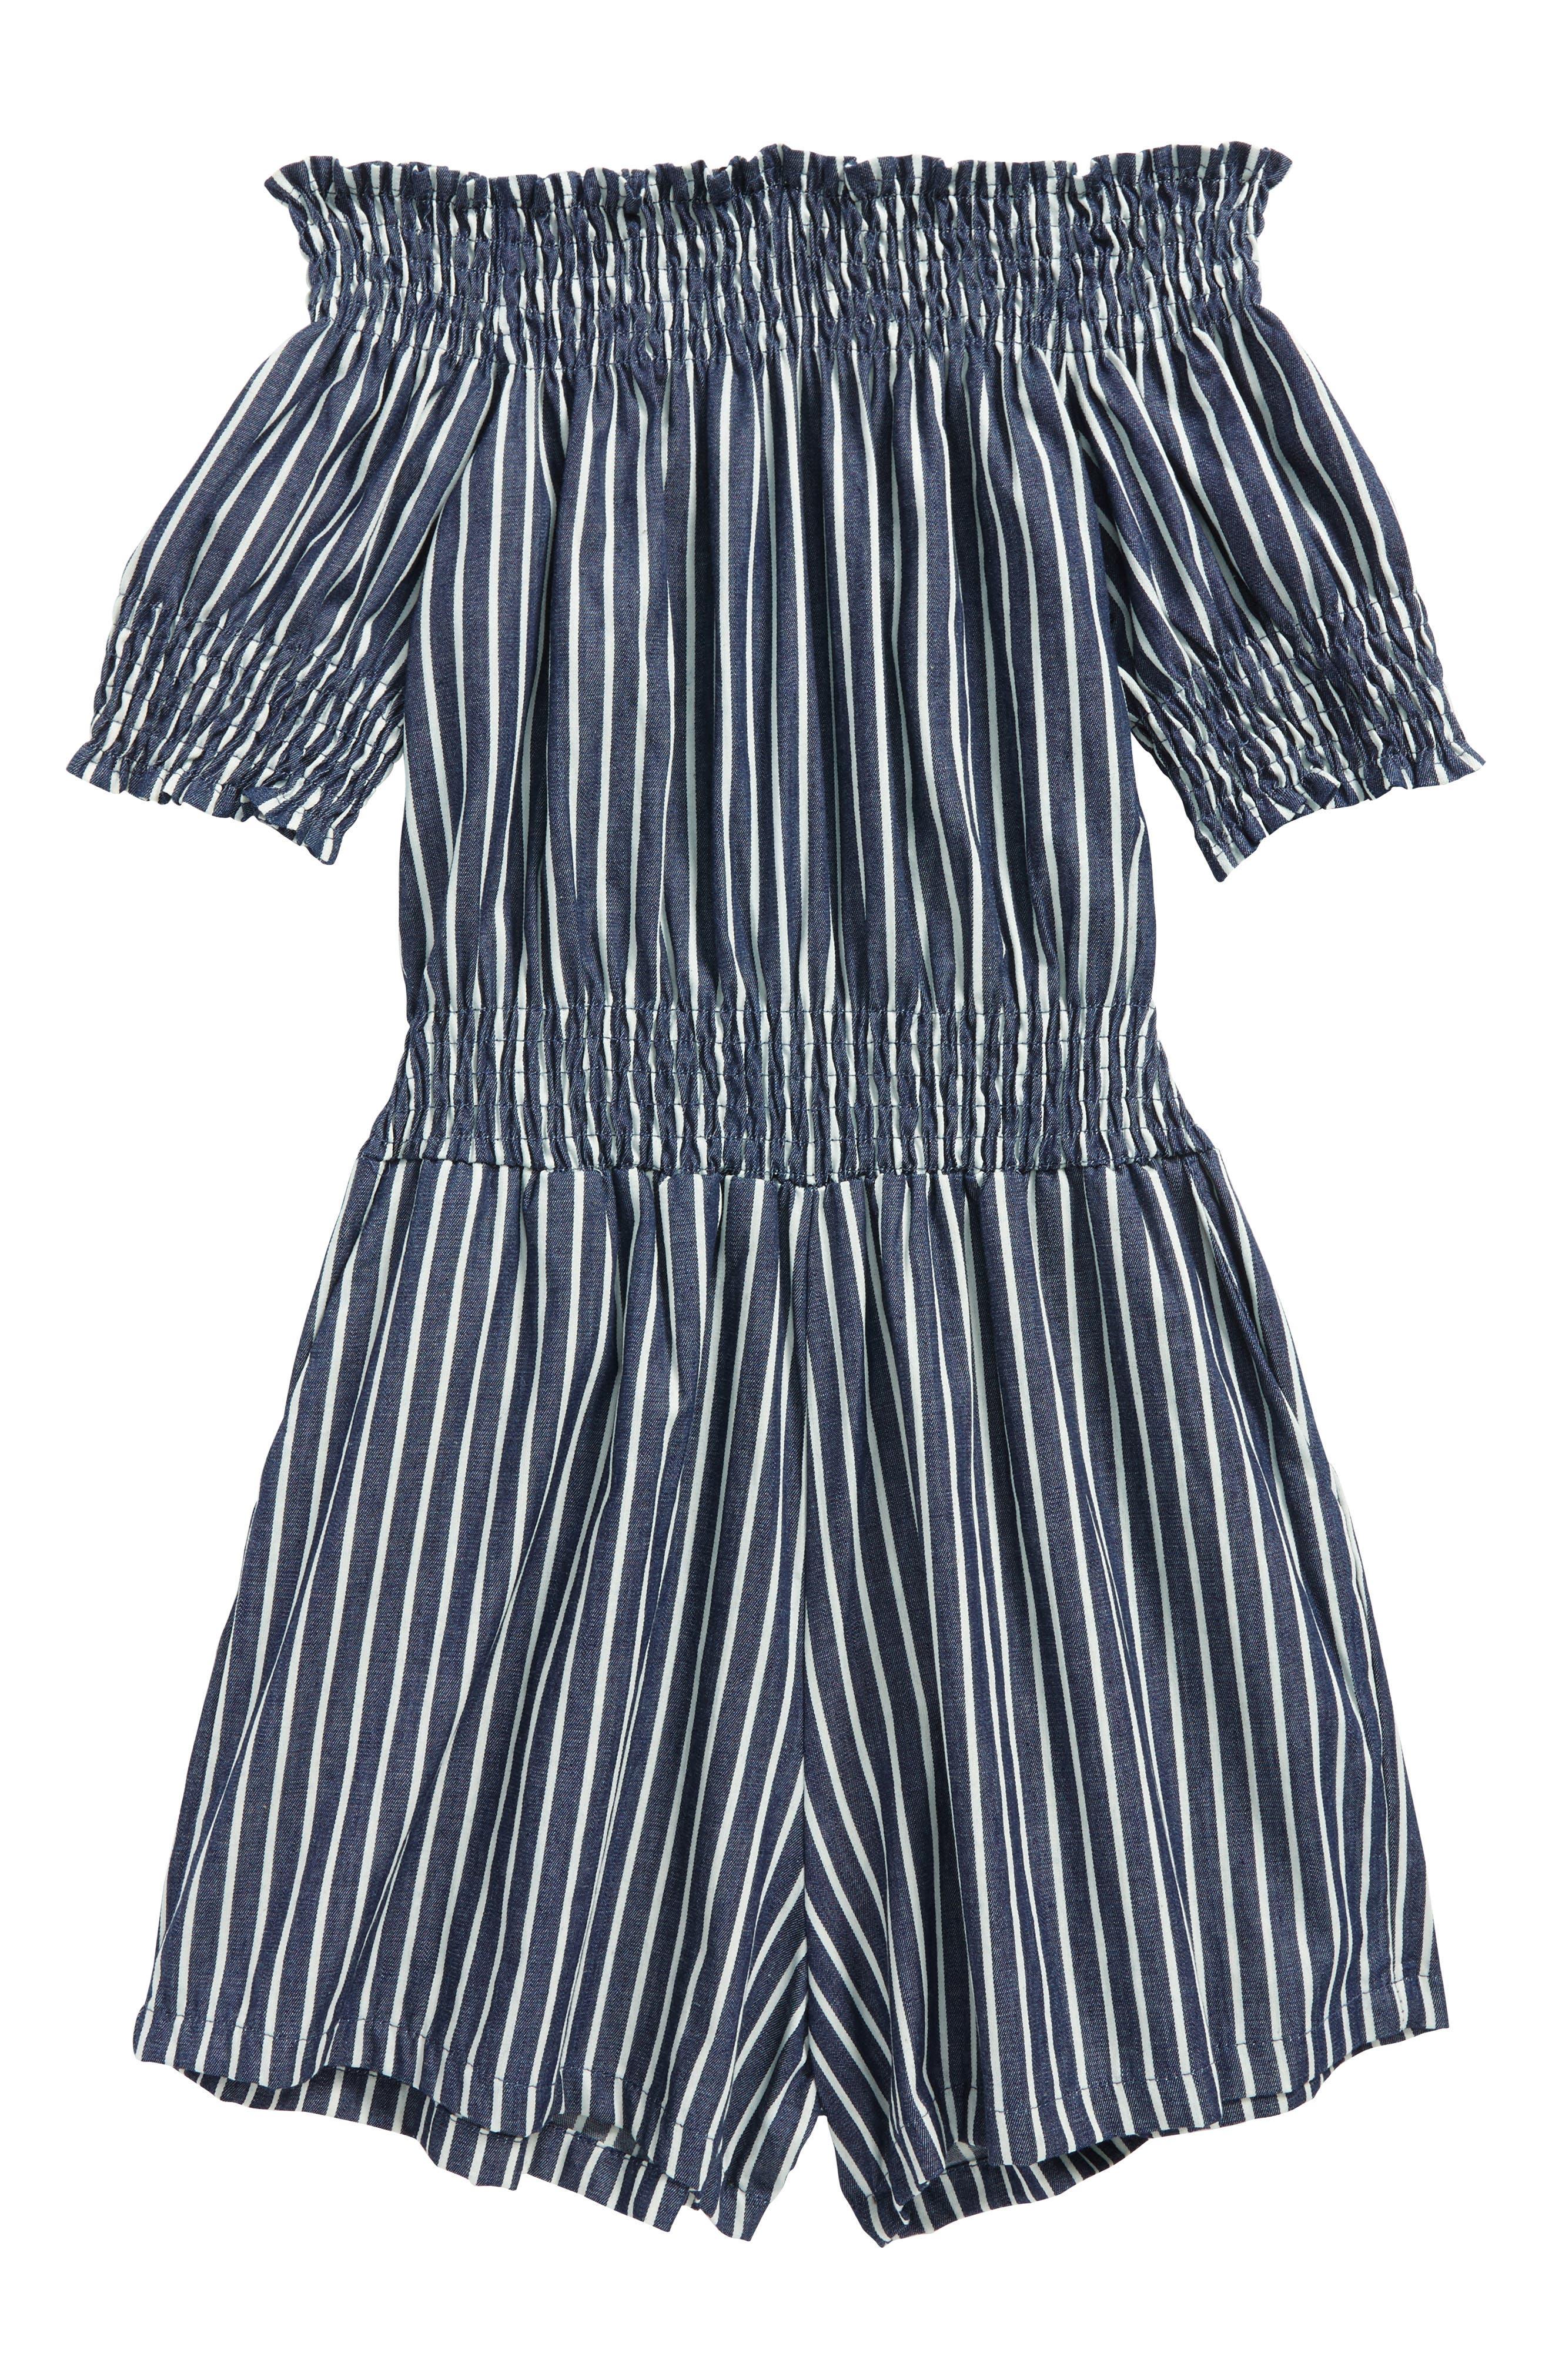 Alternate Image 1 Selected - Miss Behave Stripe Off the Shoulder Romper (Big Girls)